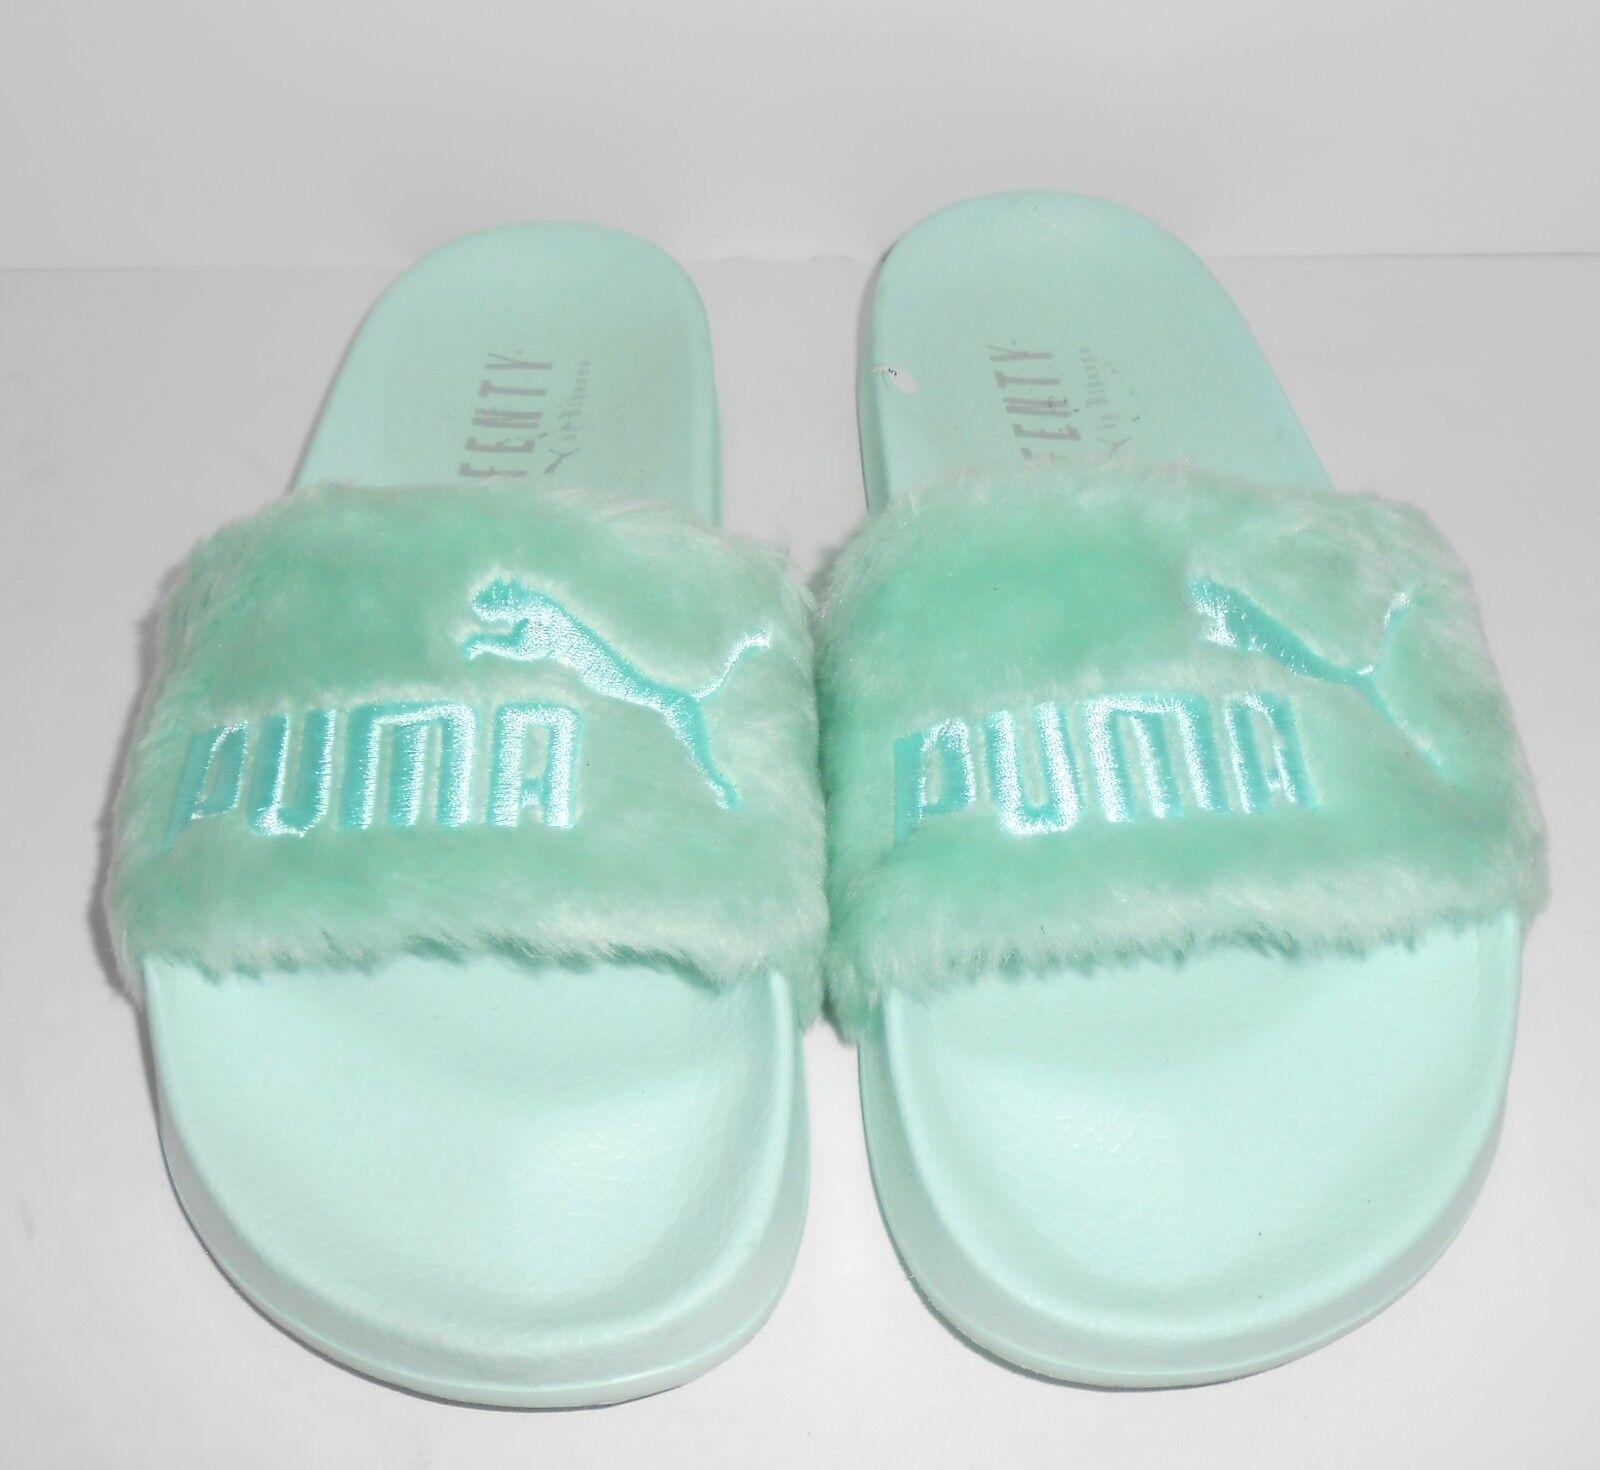 Fenty Fenty Fenty Puma Faux Fur Slides bluee(Bay) Size 7.5 b8a375